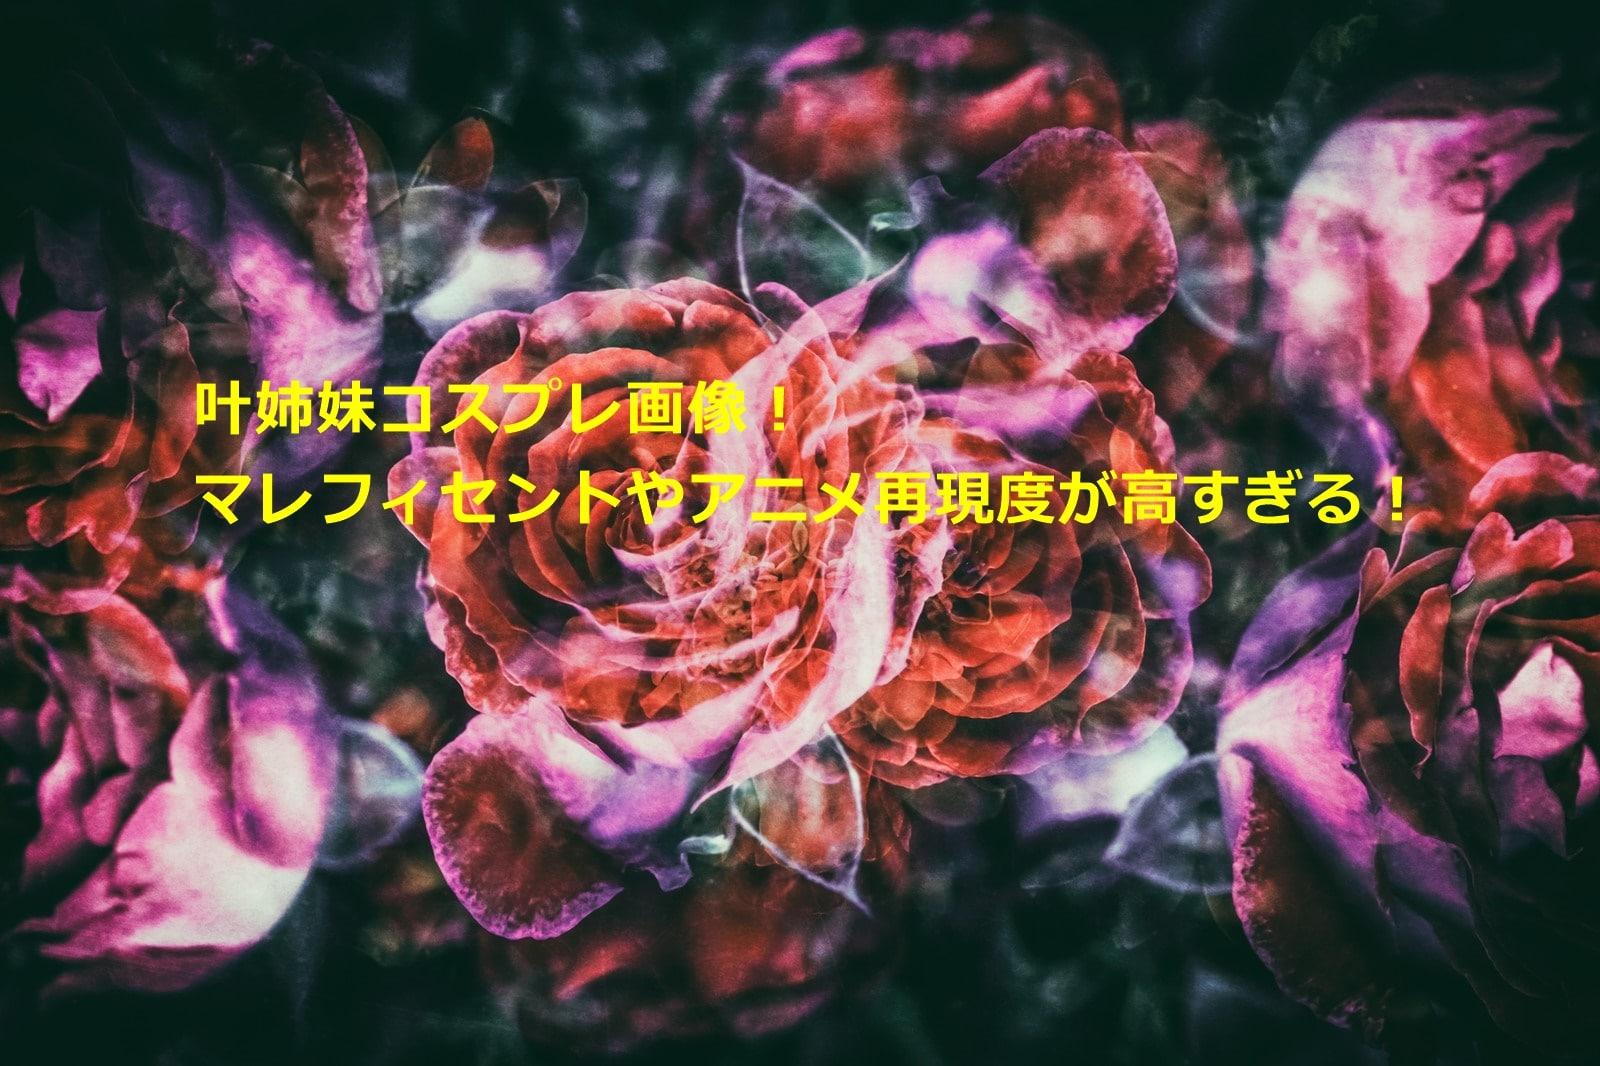 叶姉妹コスプレ画像!マレフィセントやアニメ再現度が高すぎる!